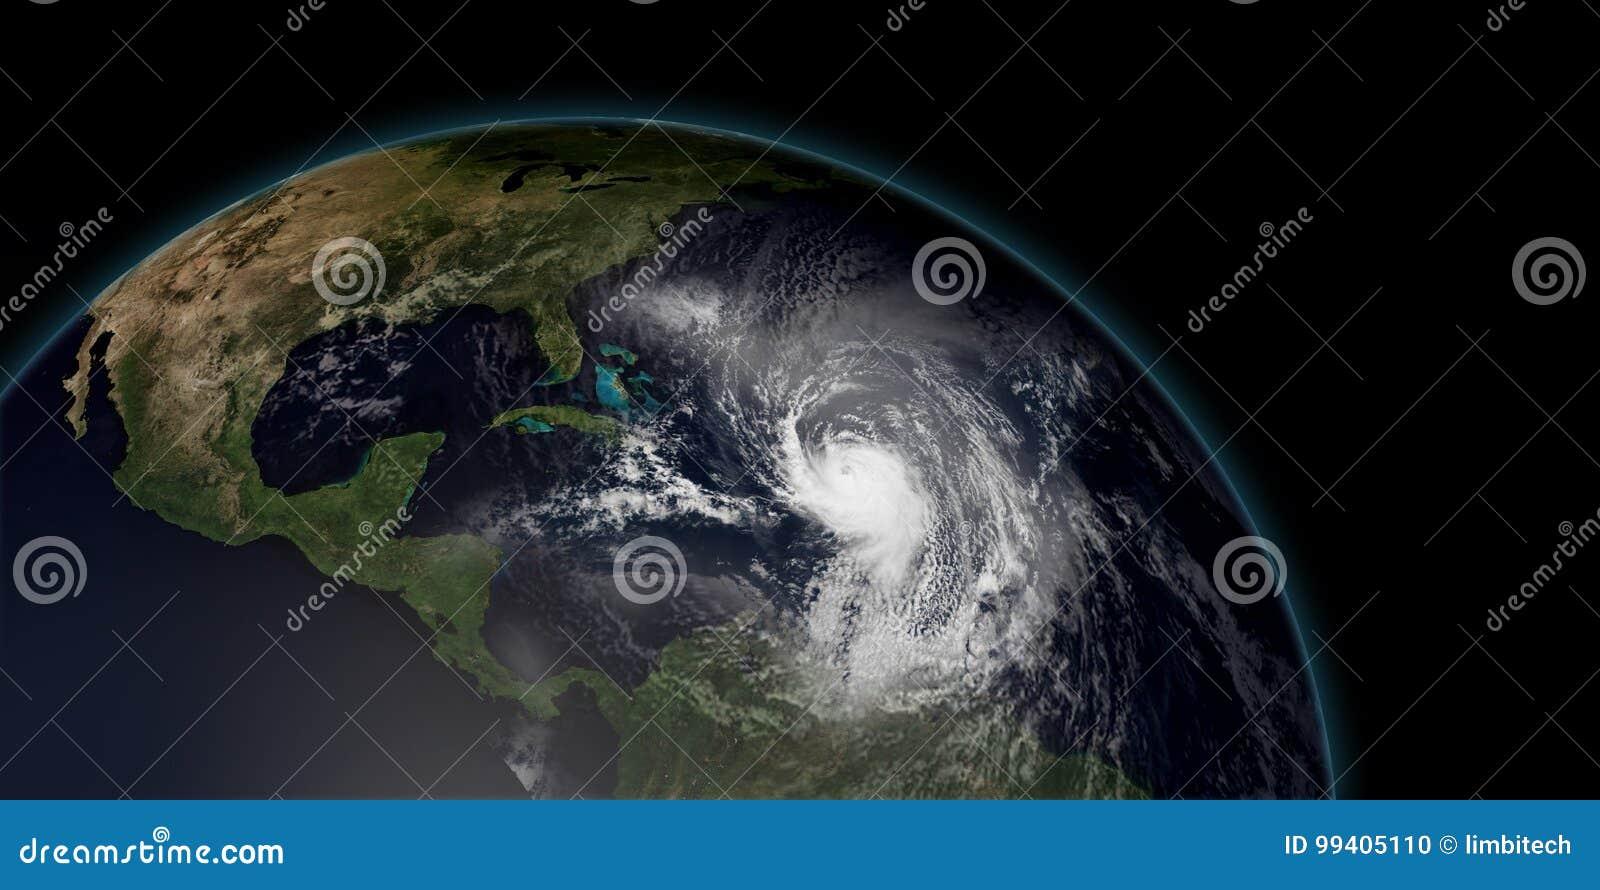 Illustration extrêmement détaillée et réaliste de la haute résolution 3D d un ouragan